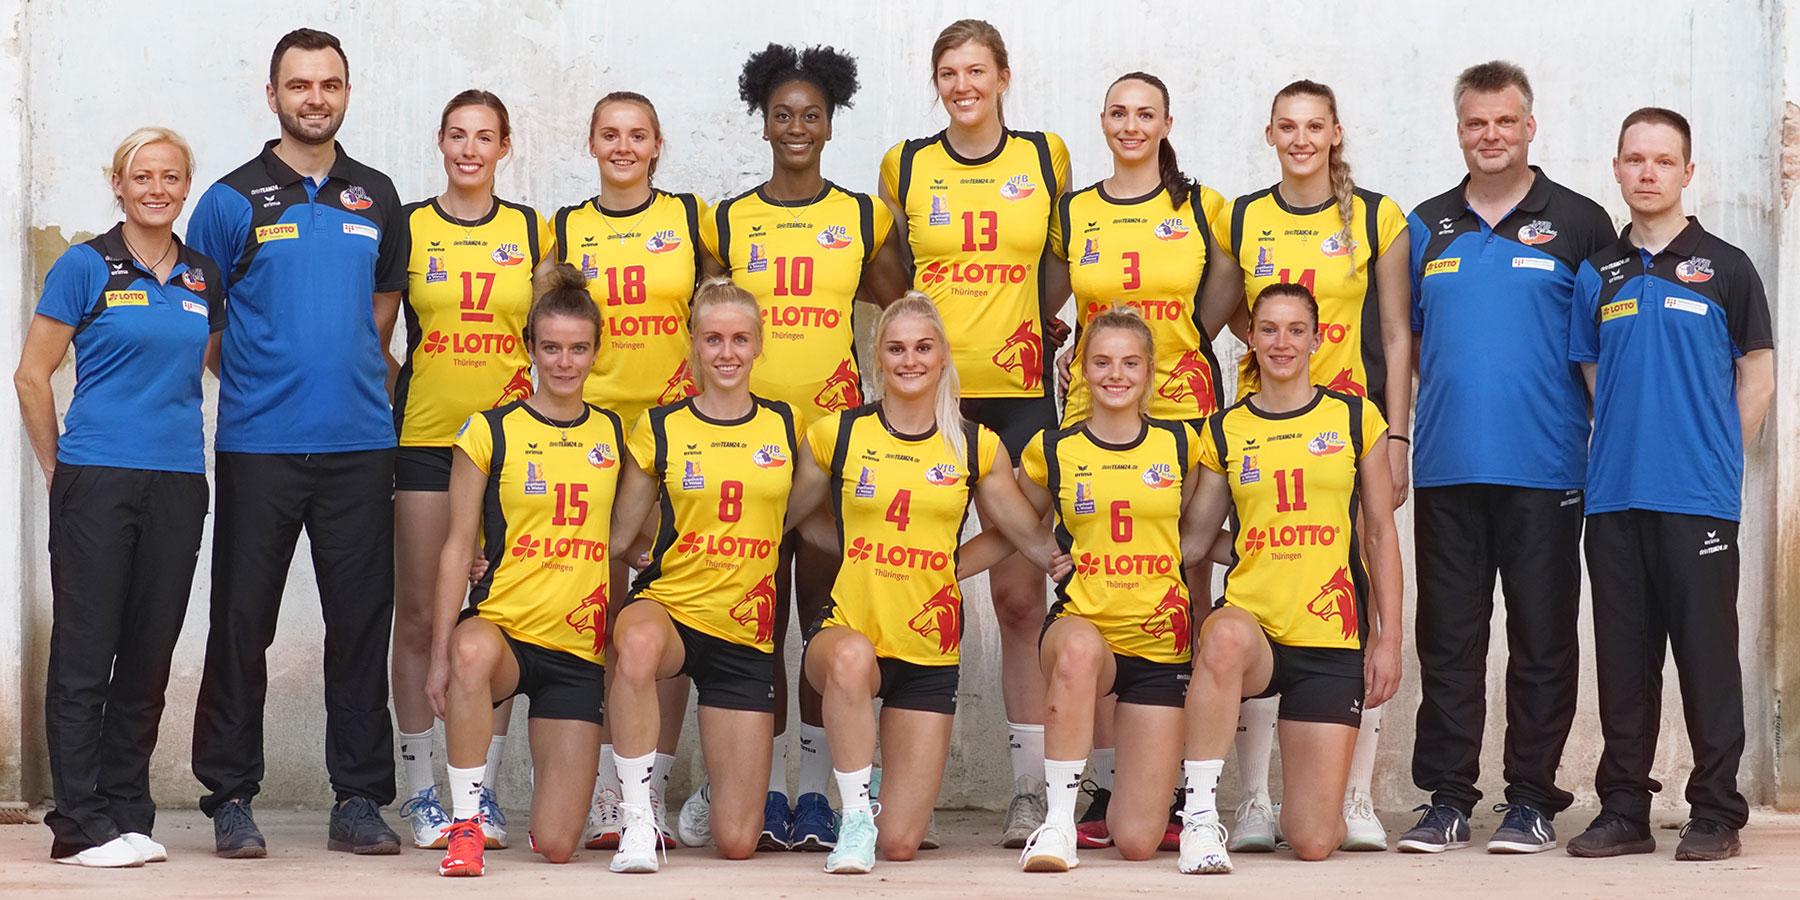 VfB Suhl LOTTO Thüringen . Team 2019/20